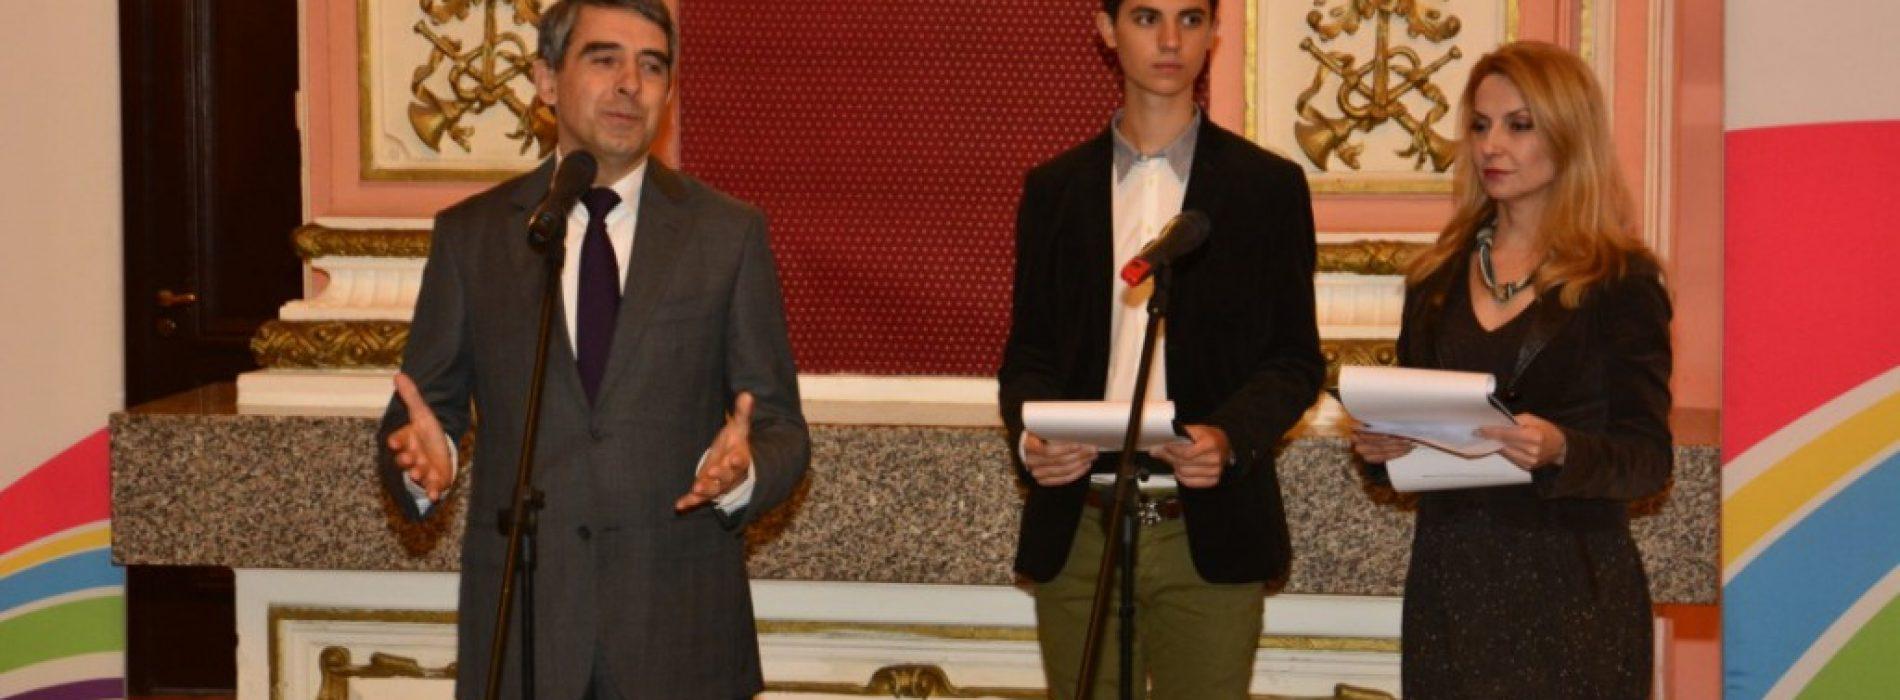 Президентът Росен Плевнелиев: Младежите от Международната награда на херцога на Единбург са част от тази България, която гледа напред